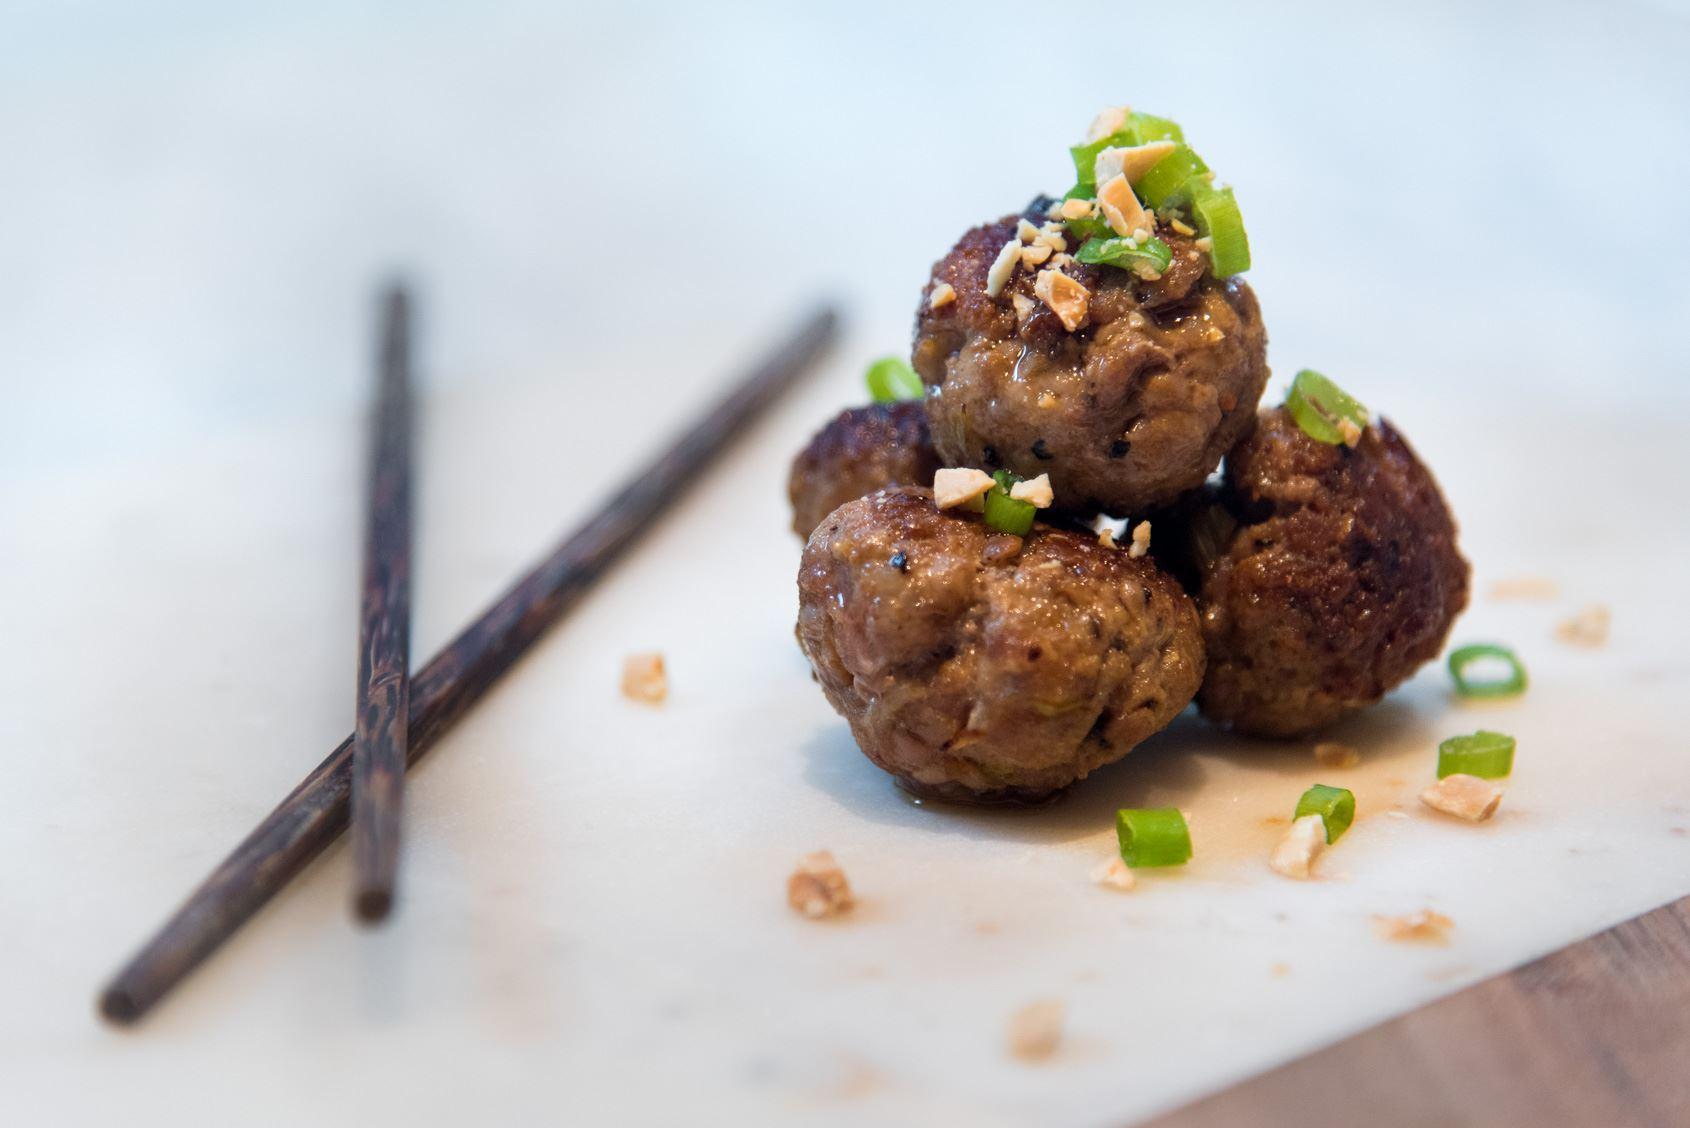 Pork & Peanut Meatballs